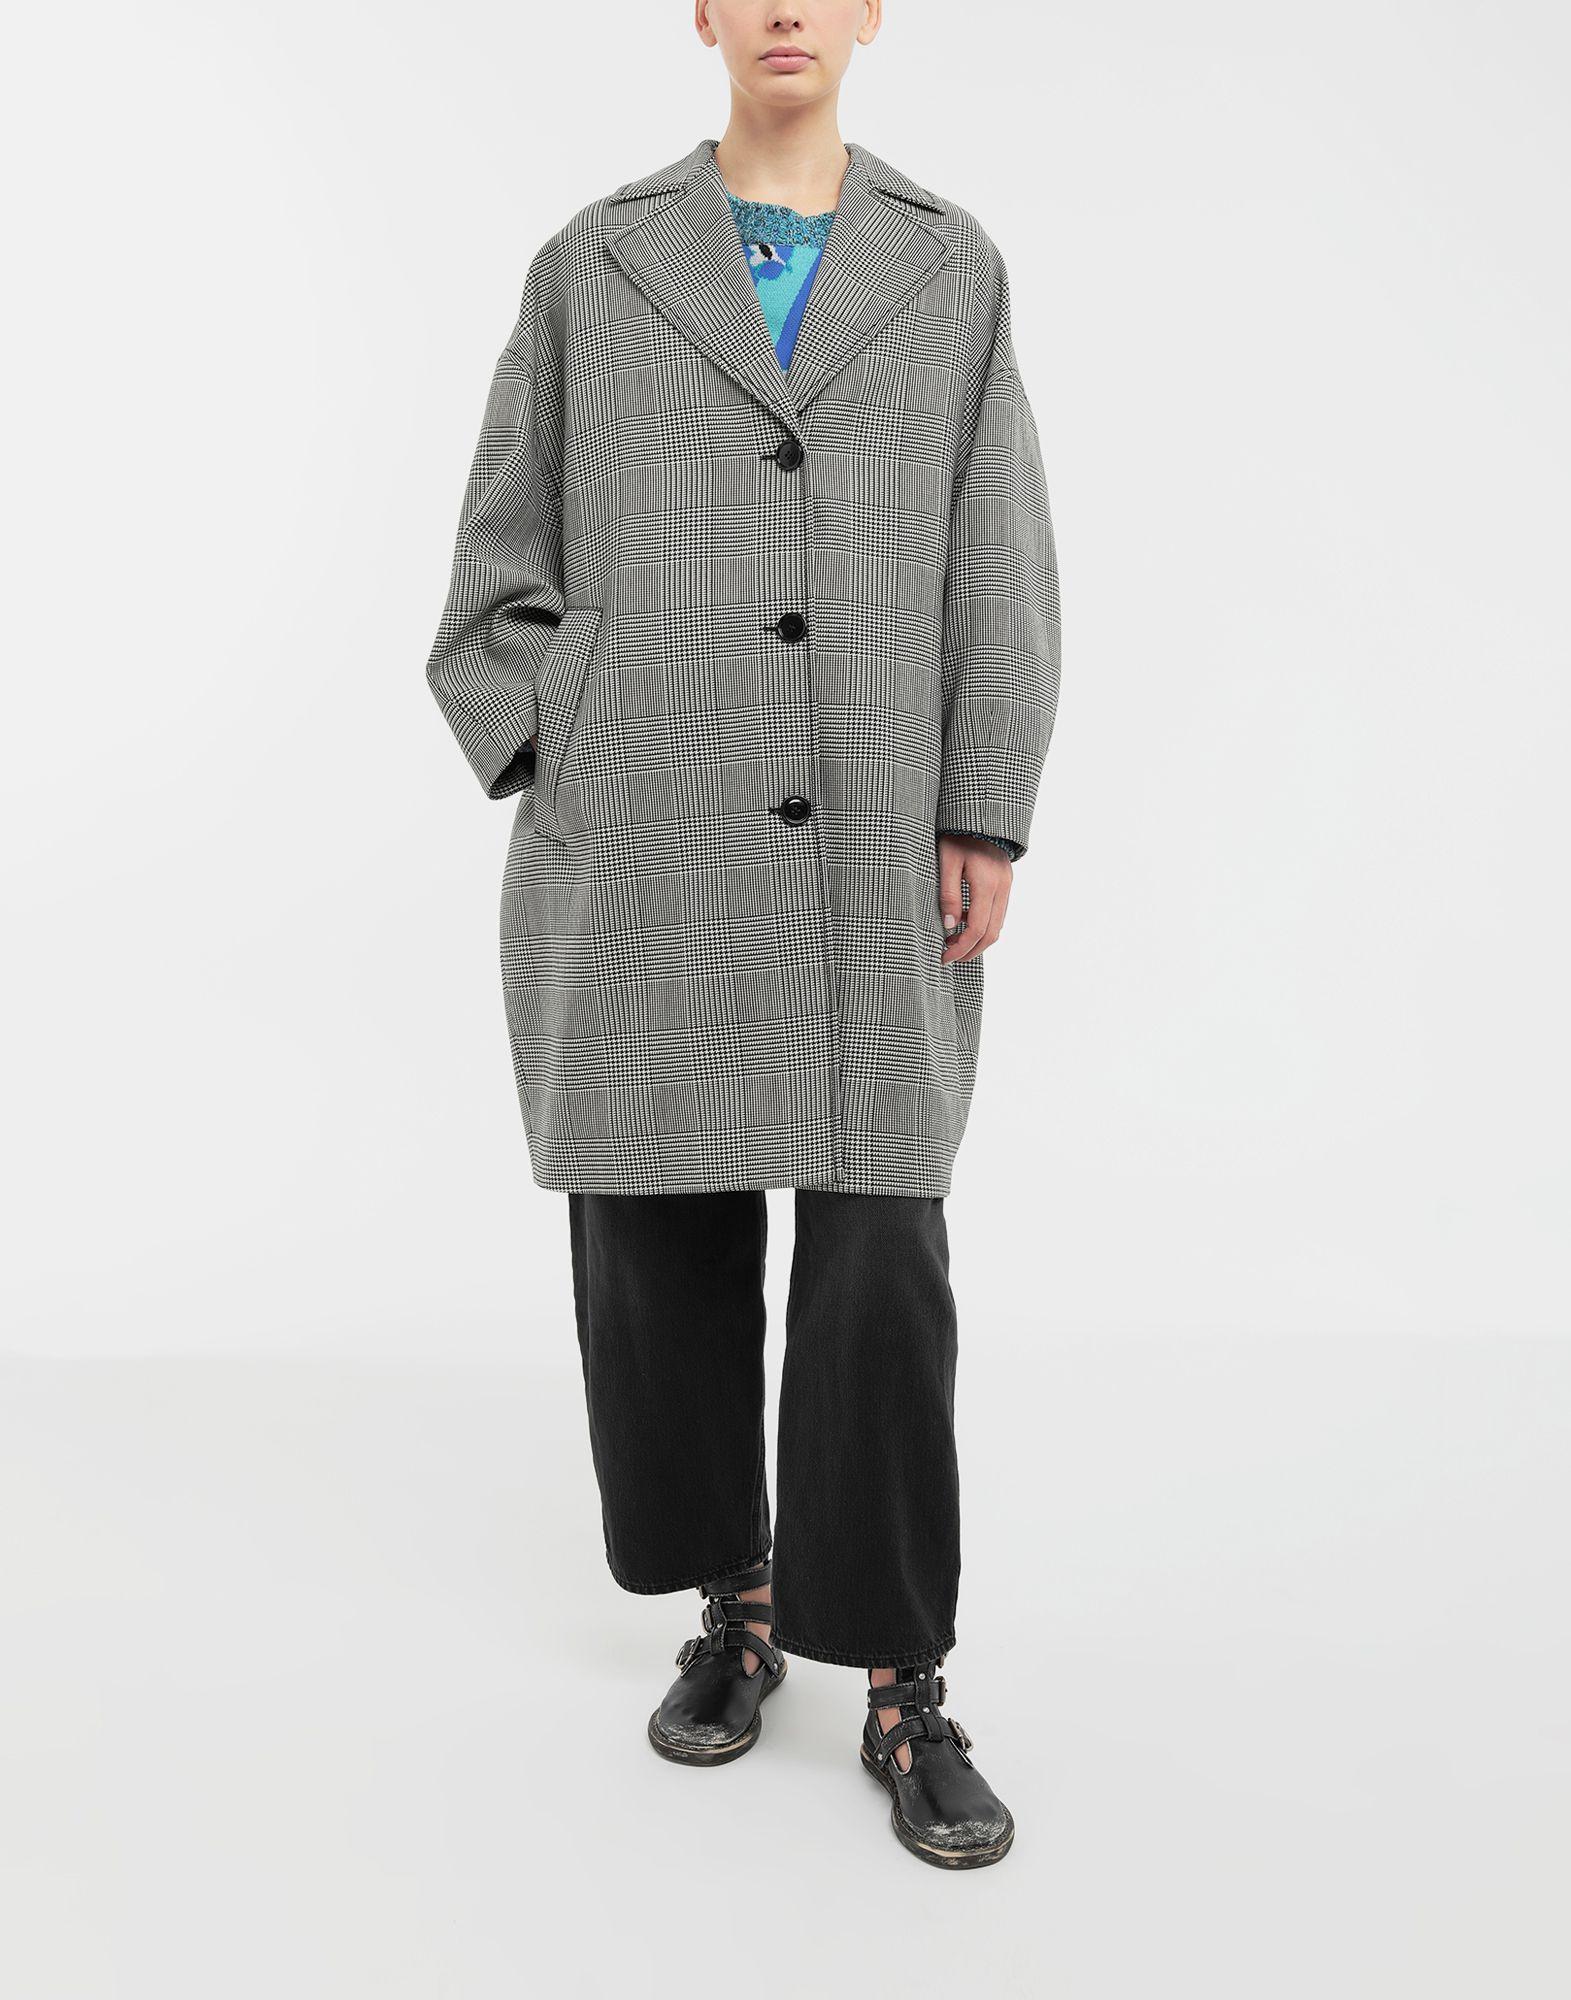 MM6 MAISON MARGIELA Oversized checked coat Coat Woman r